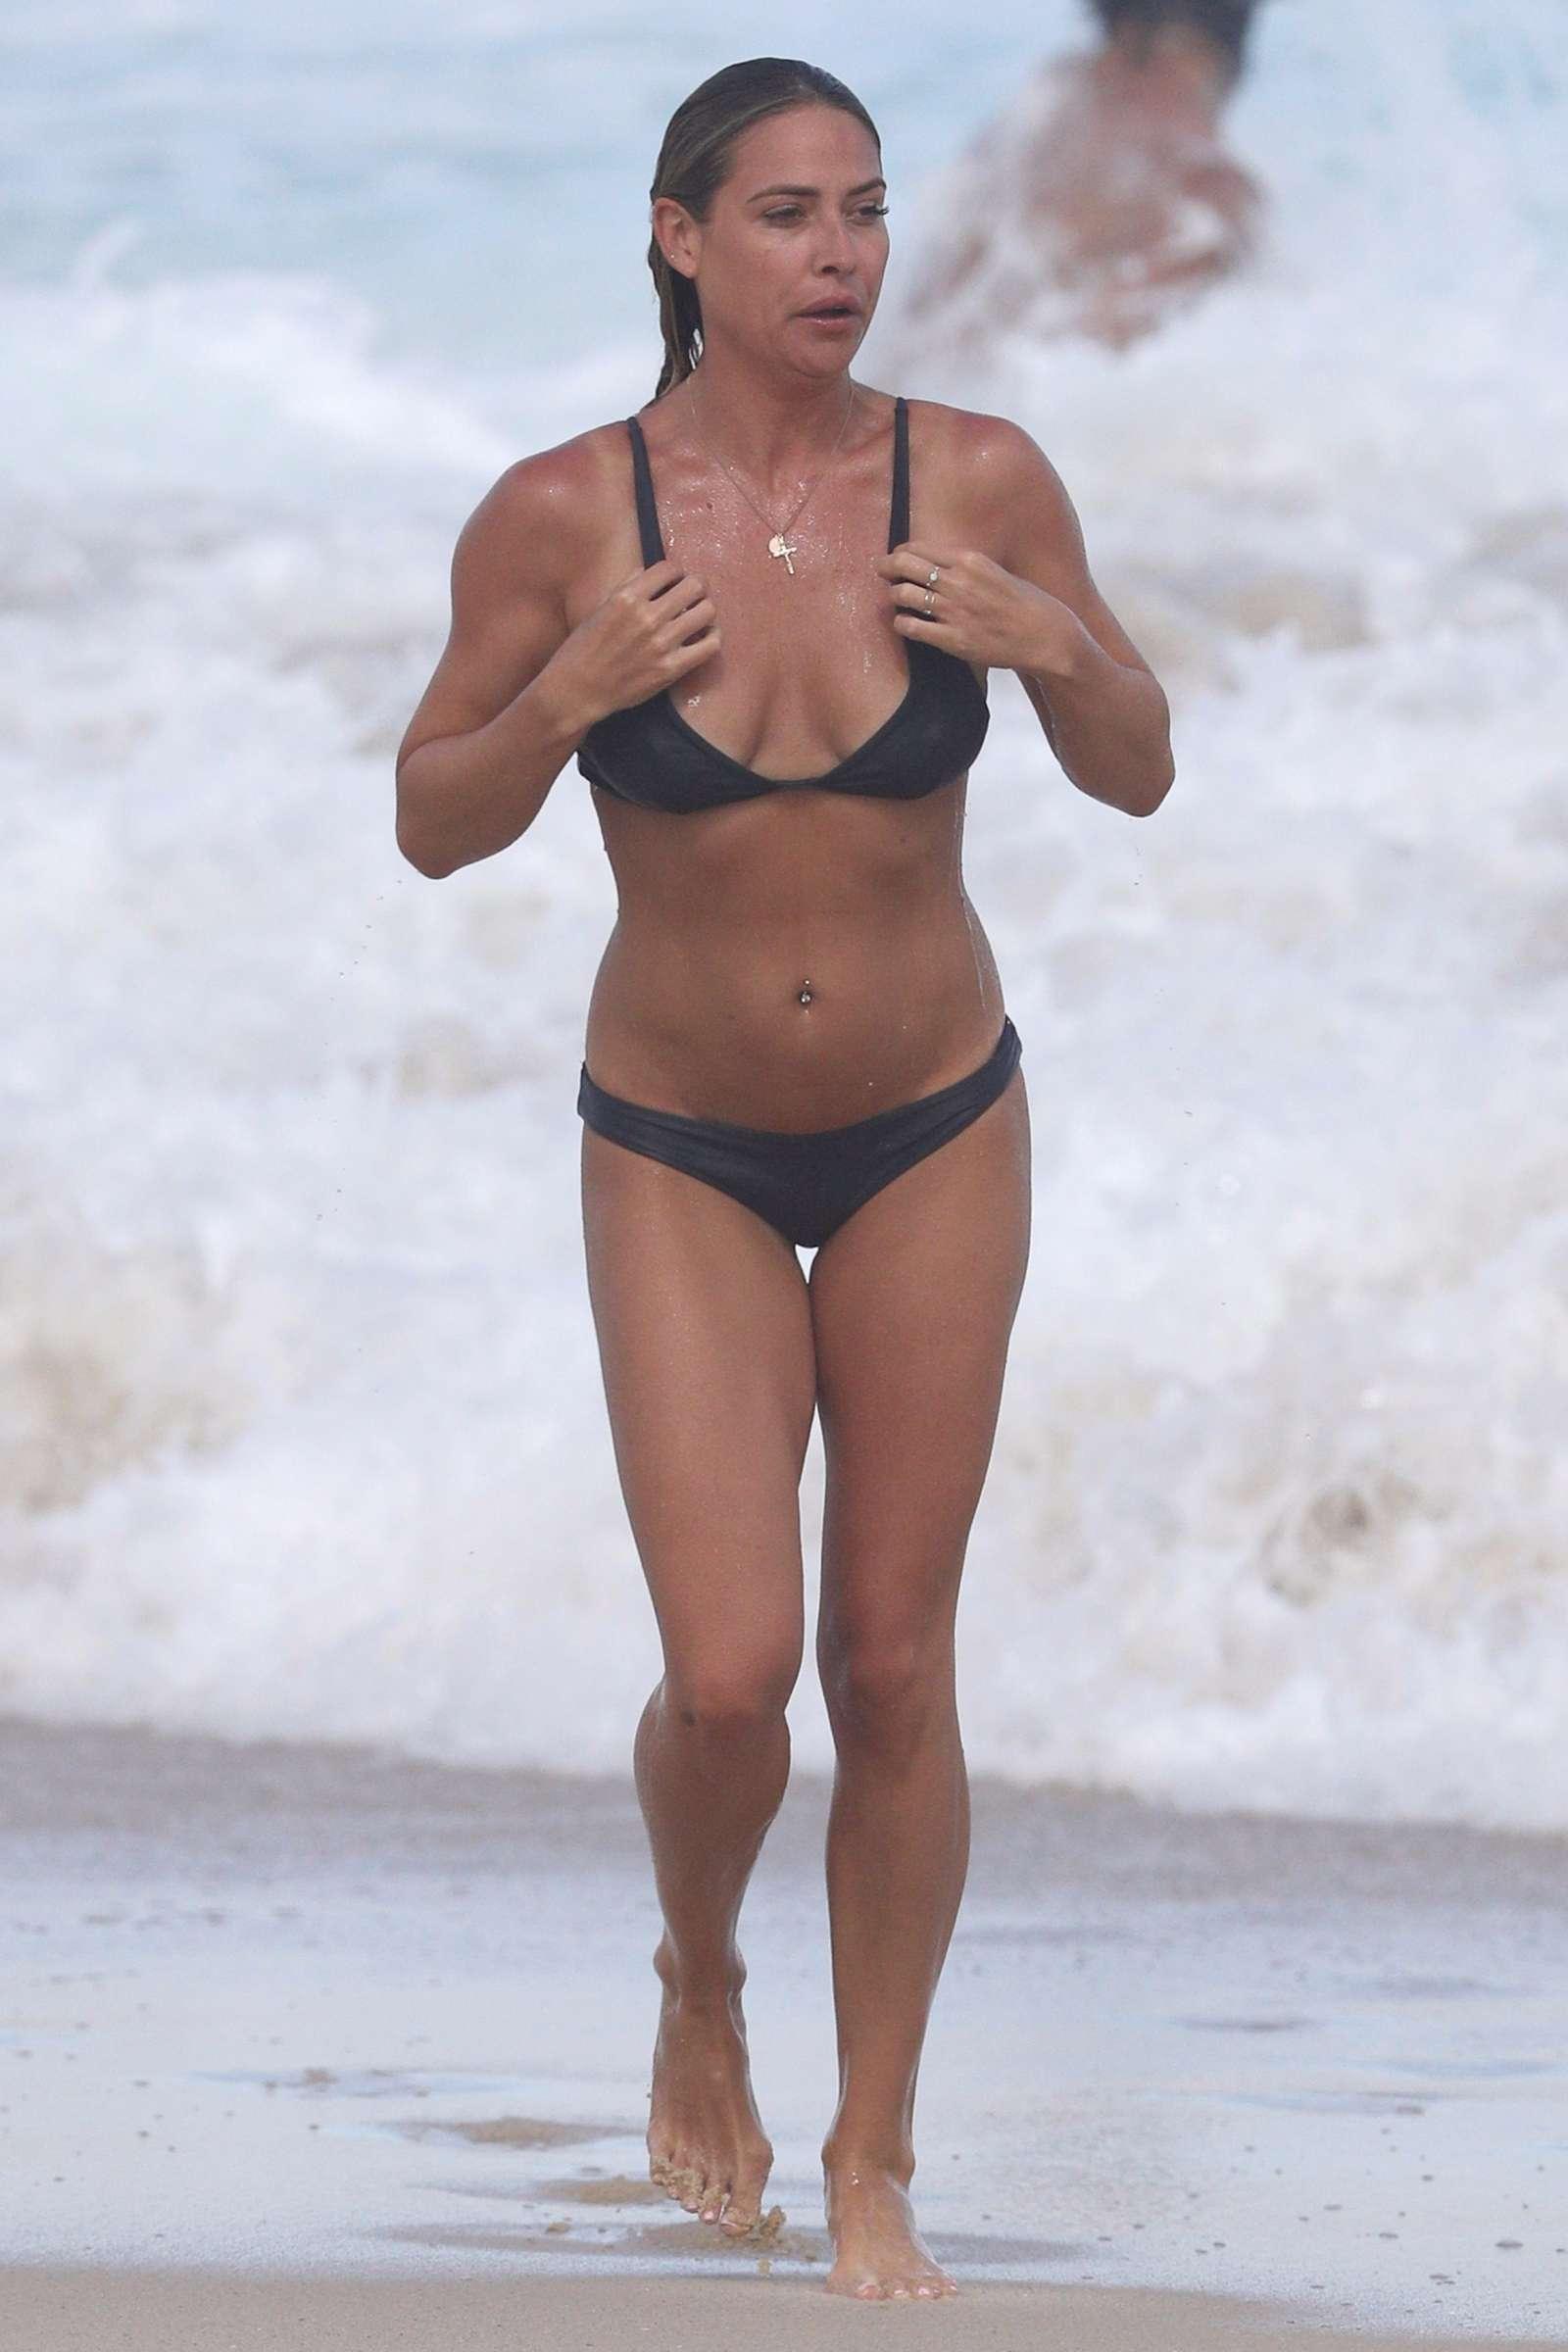 Lisa Clark 2017 : Lisa Clark in Black Bikini 2017 -06